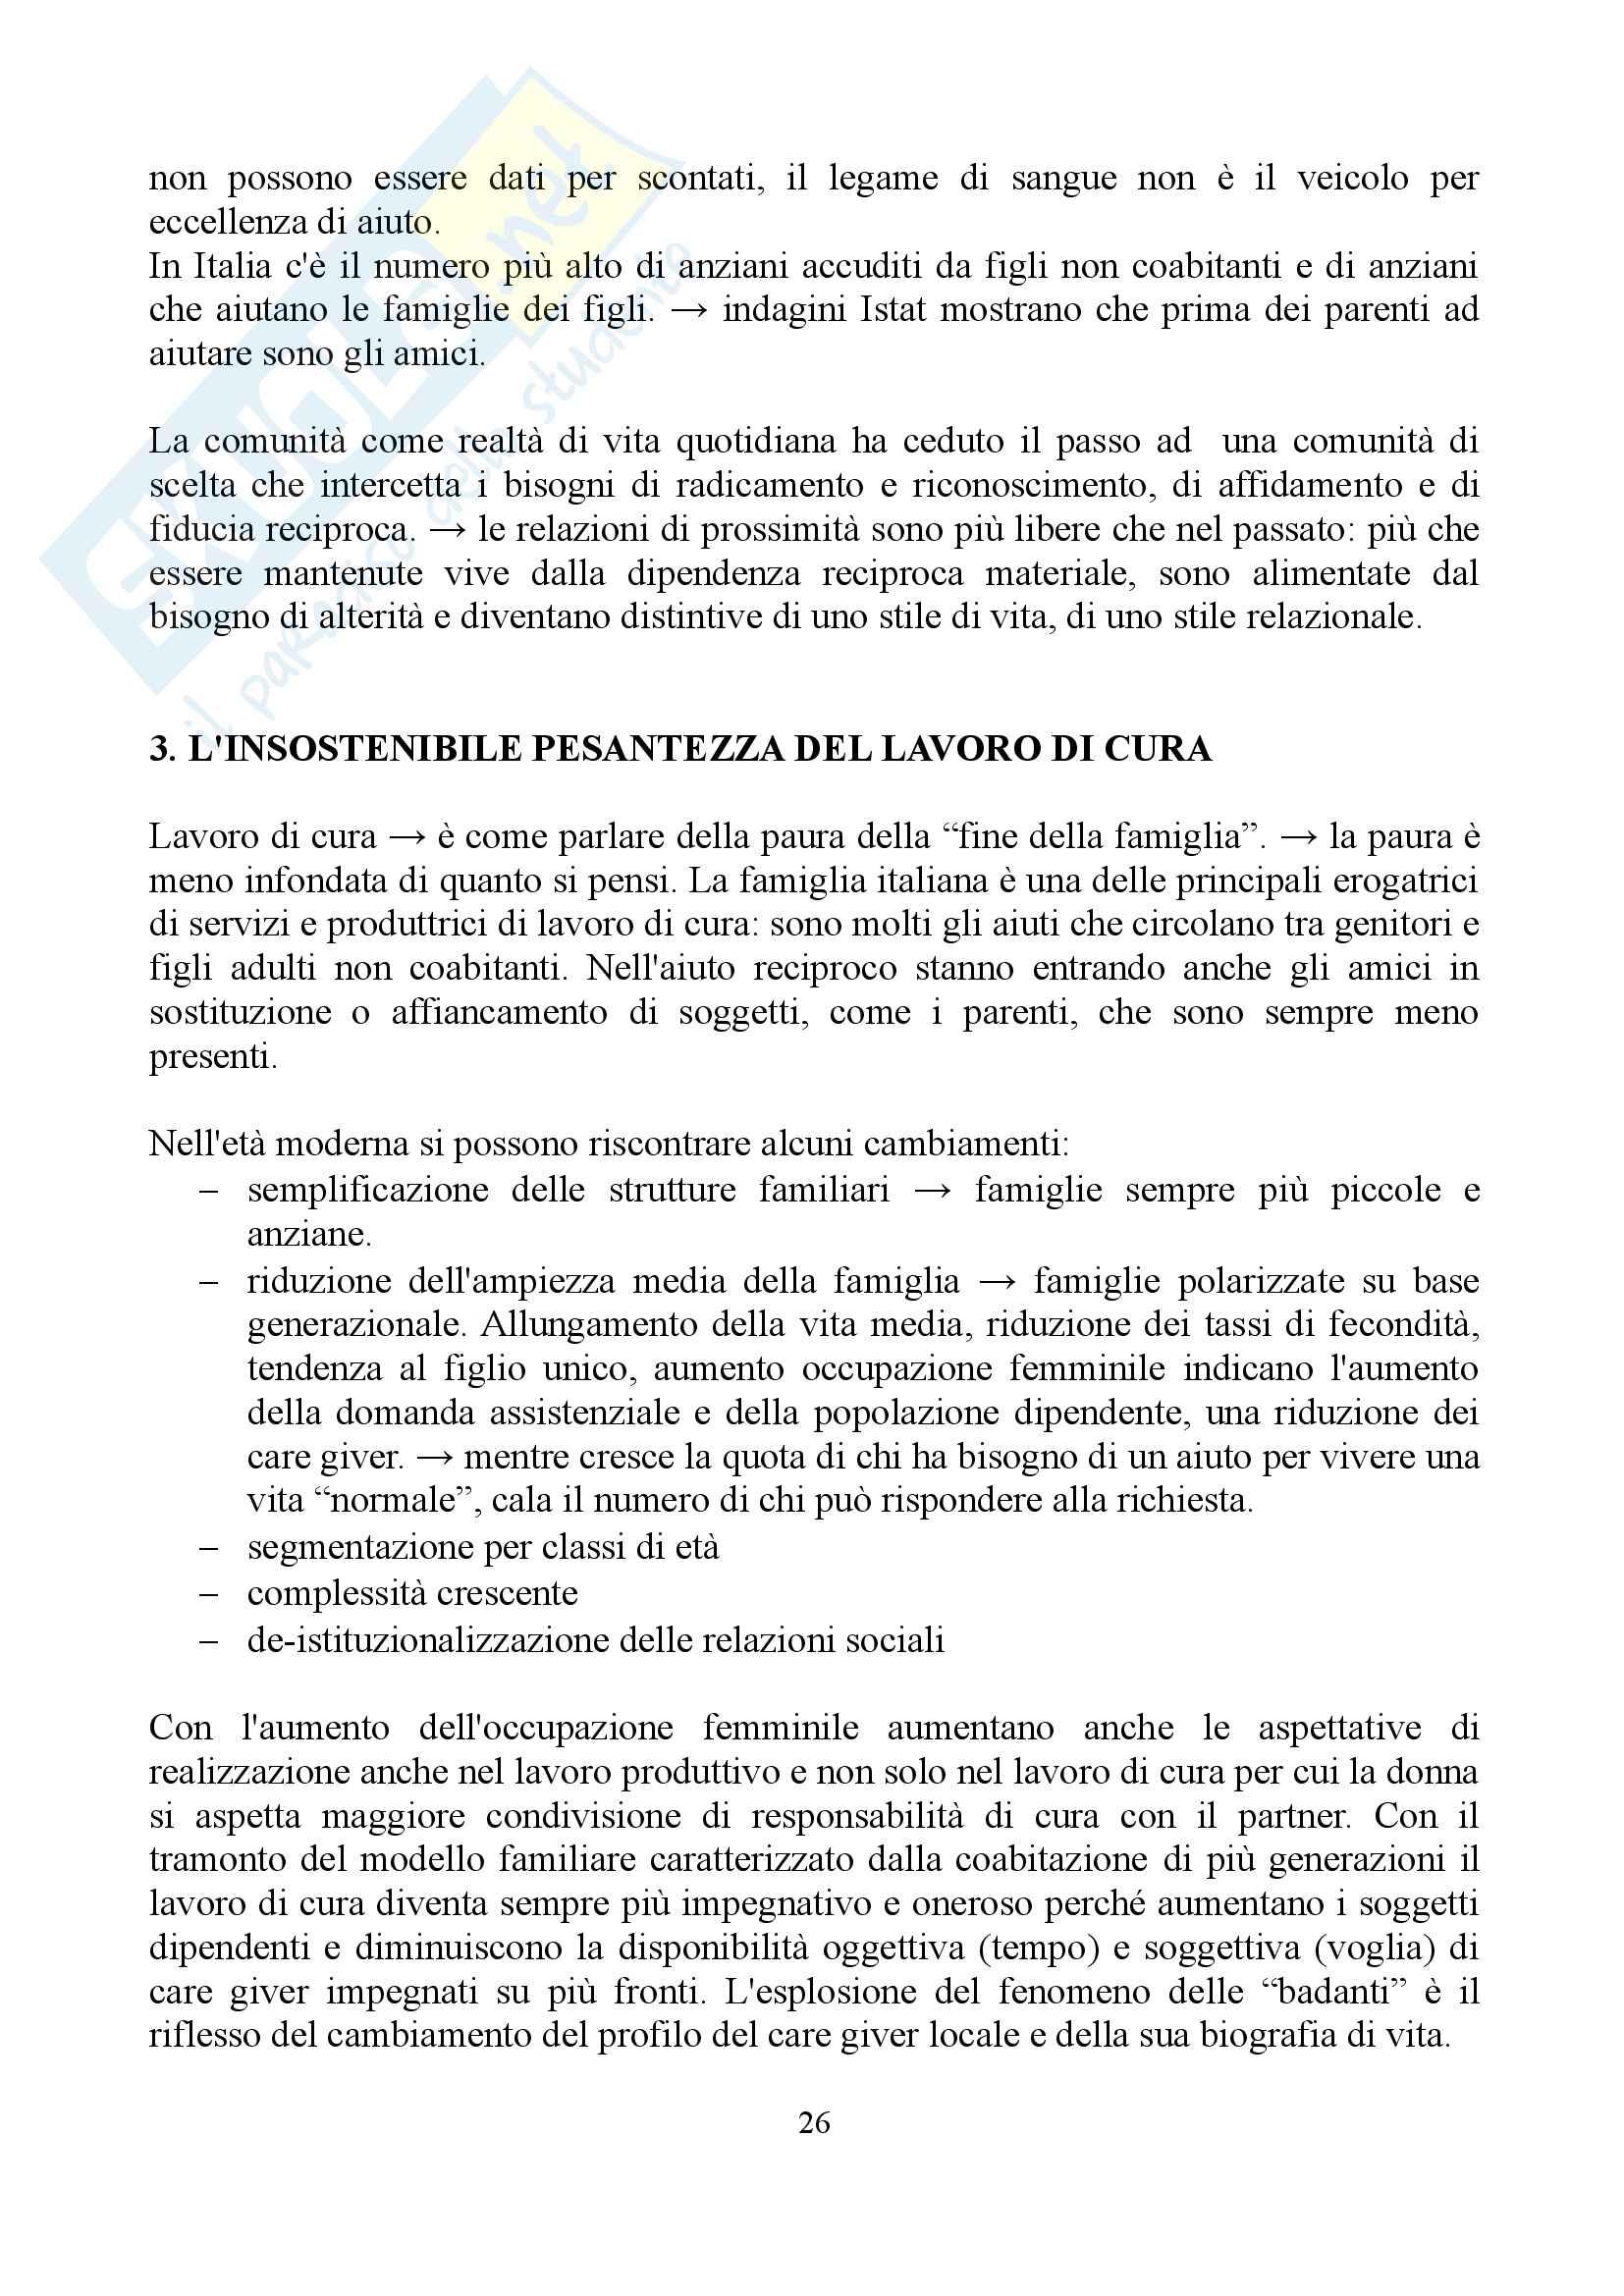 """Sunto di sociologia della famiglia, docente Diego Mesa, libro consigliato """"famiglia sostantivo plurale"""", Paola Di Nicola) Pag. 26"""